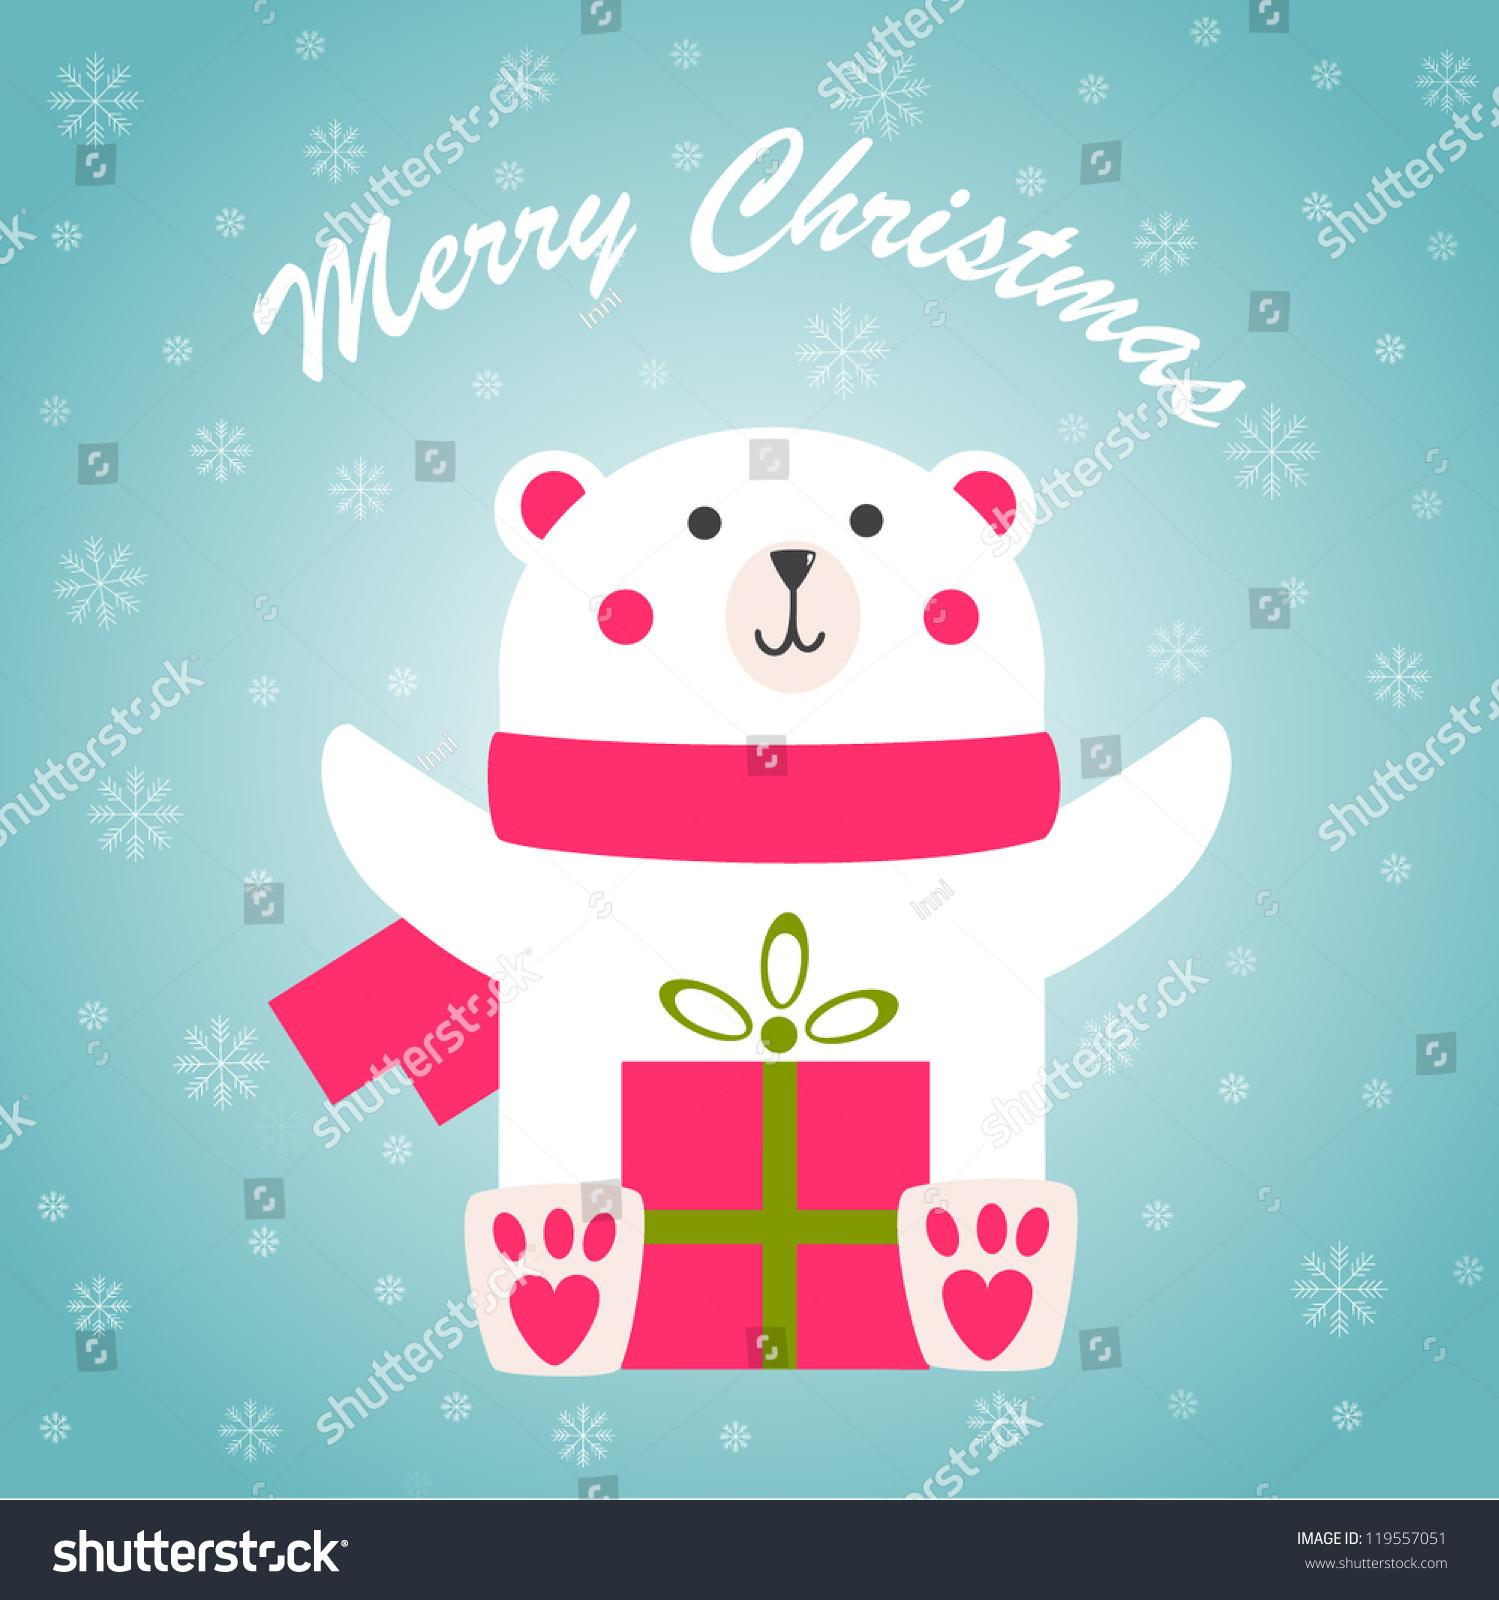 圣诞贺卡和可爱的北极熊-动物/野生生物